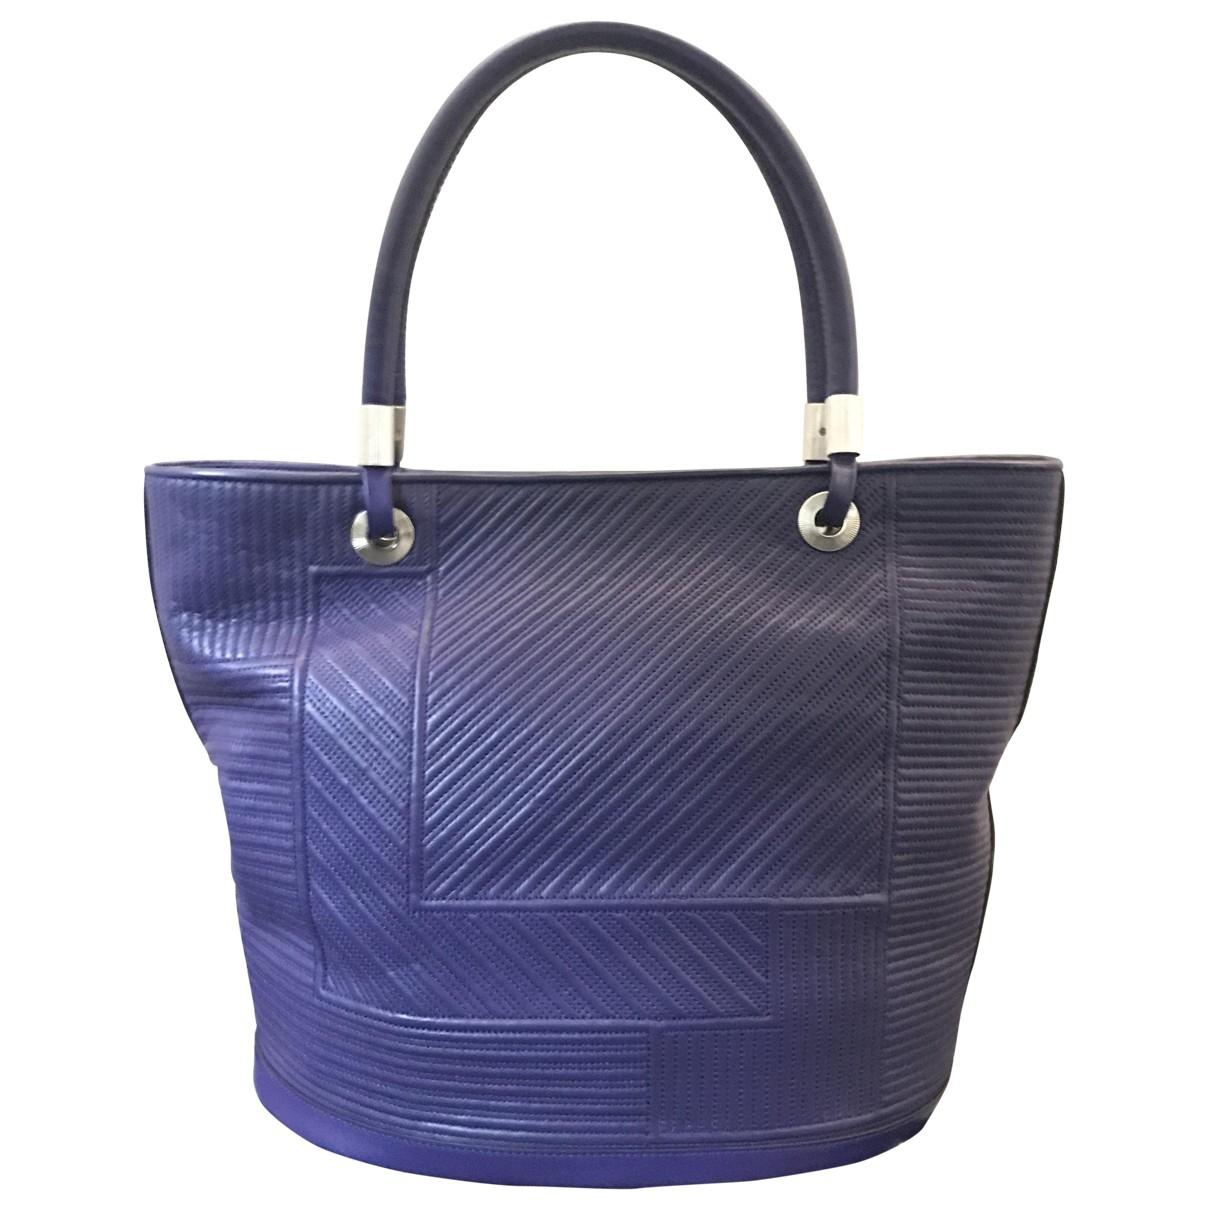 Lancel \N Handtasche in  Lila Leder